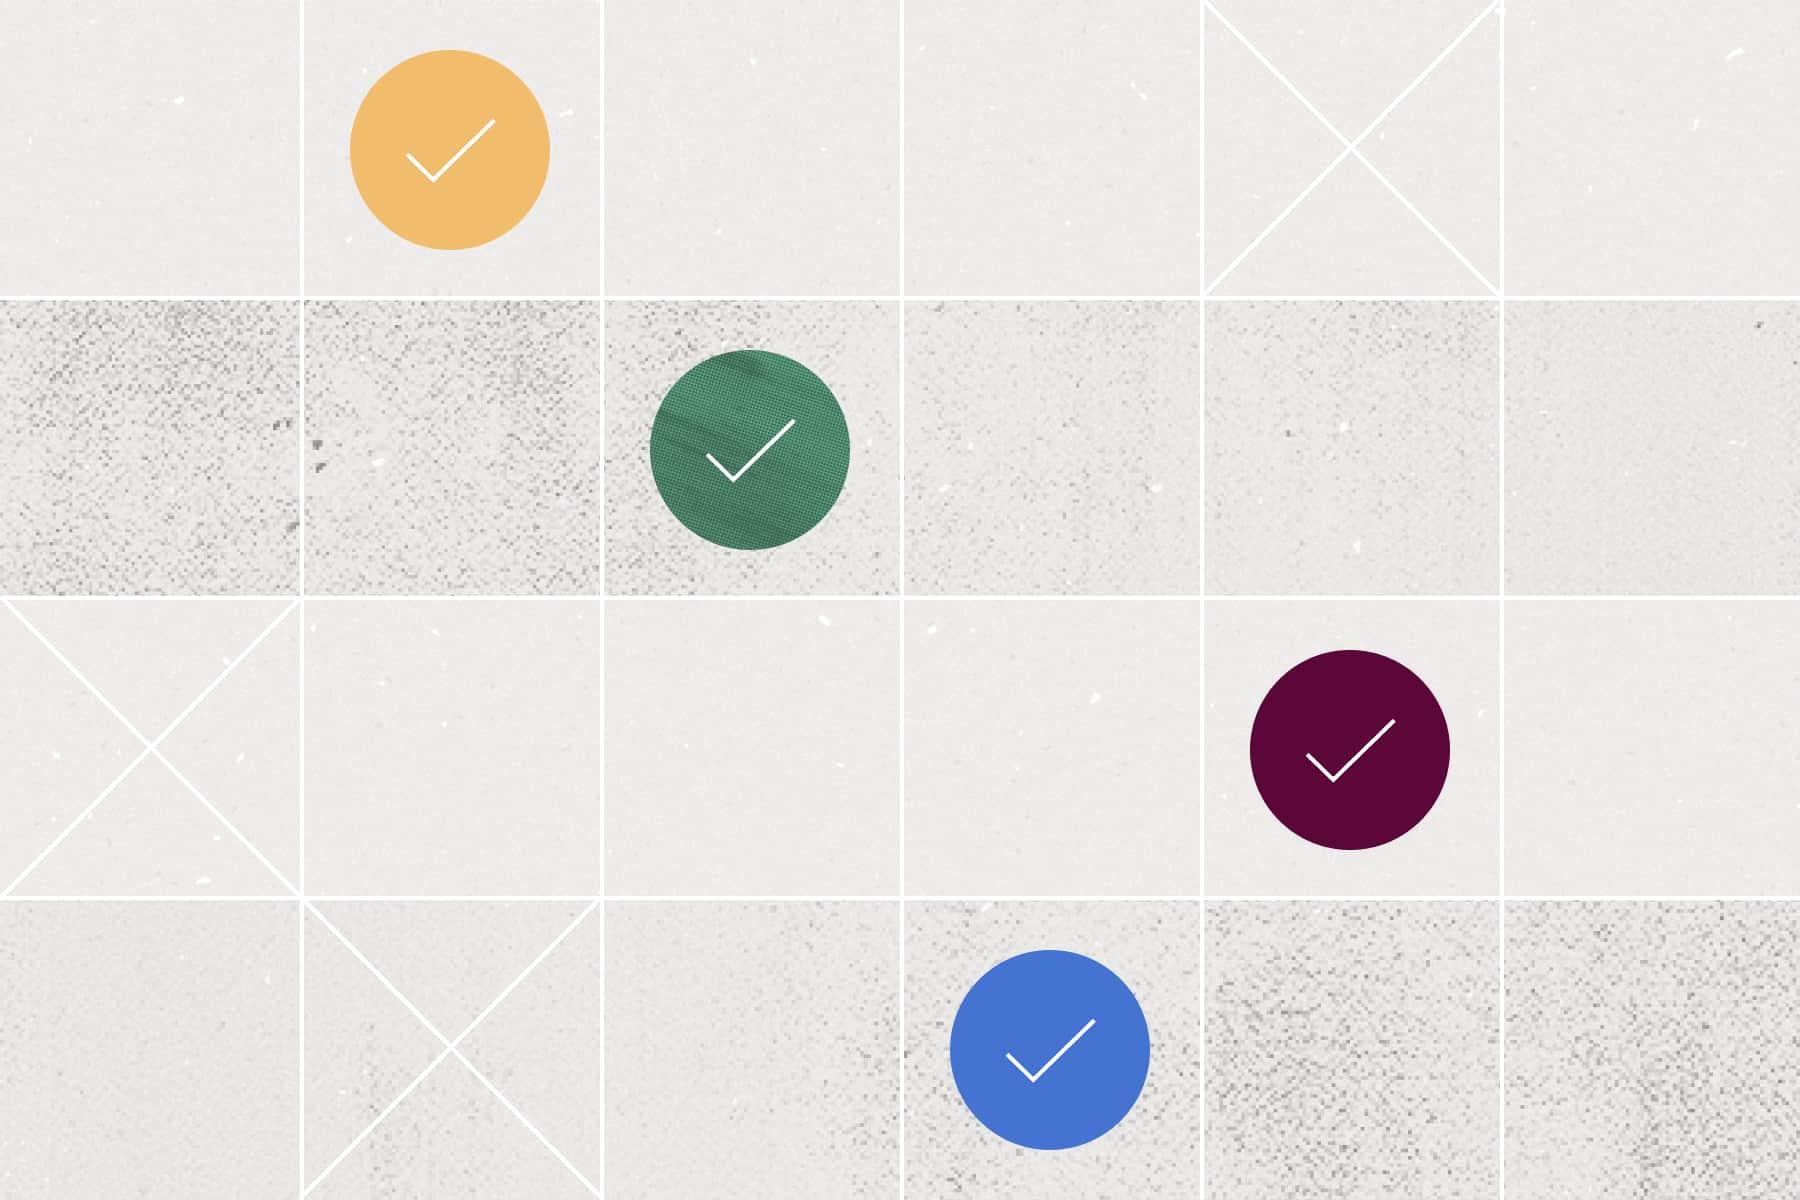 Matrice de décision - Image bannière de l'article